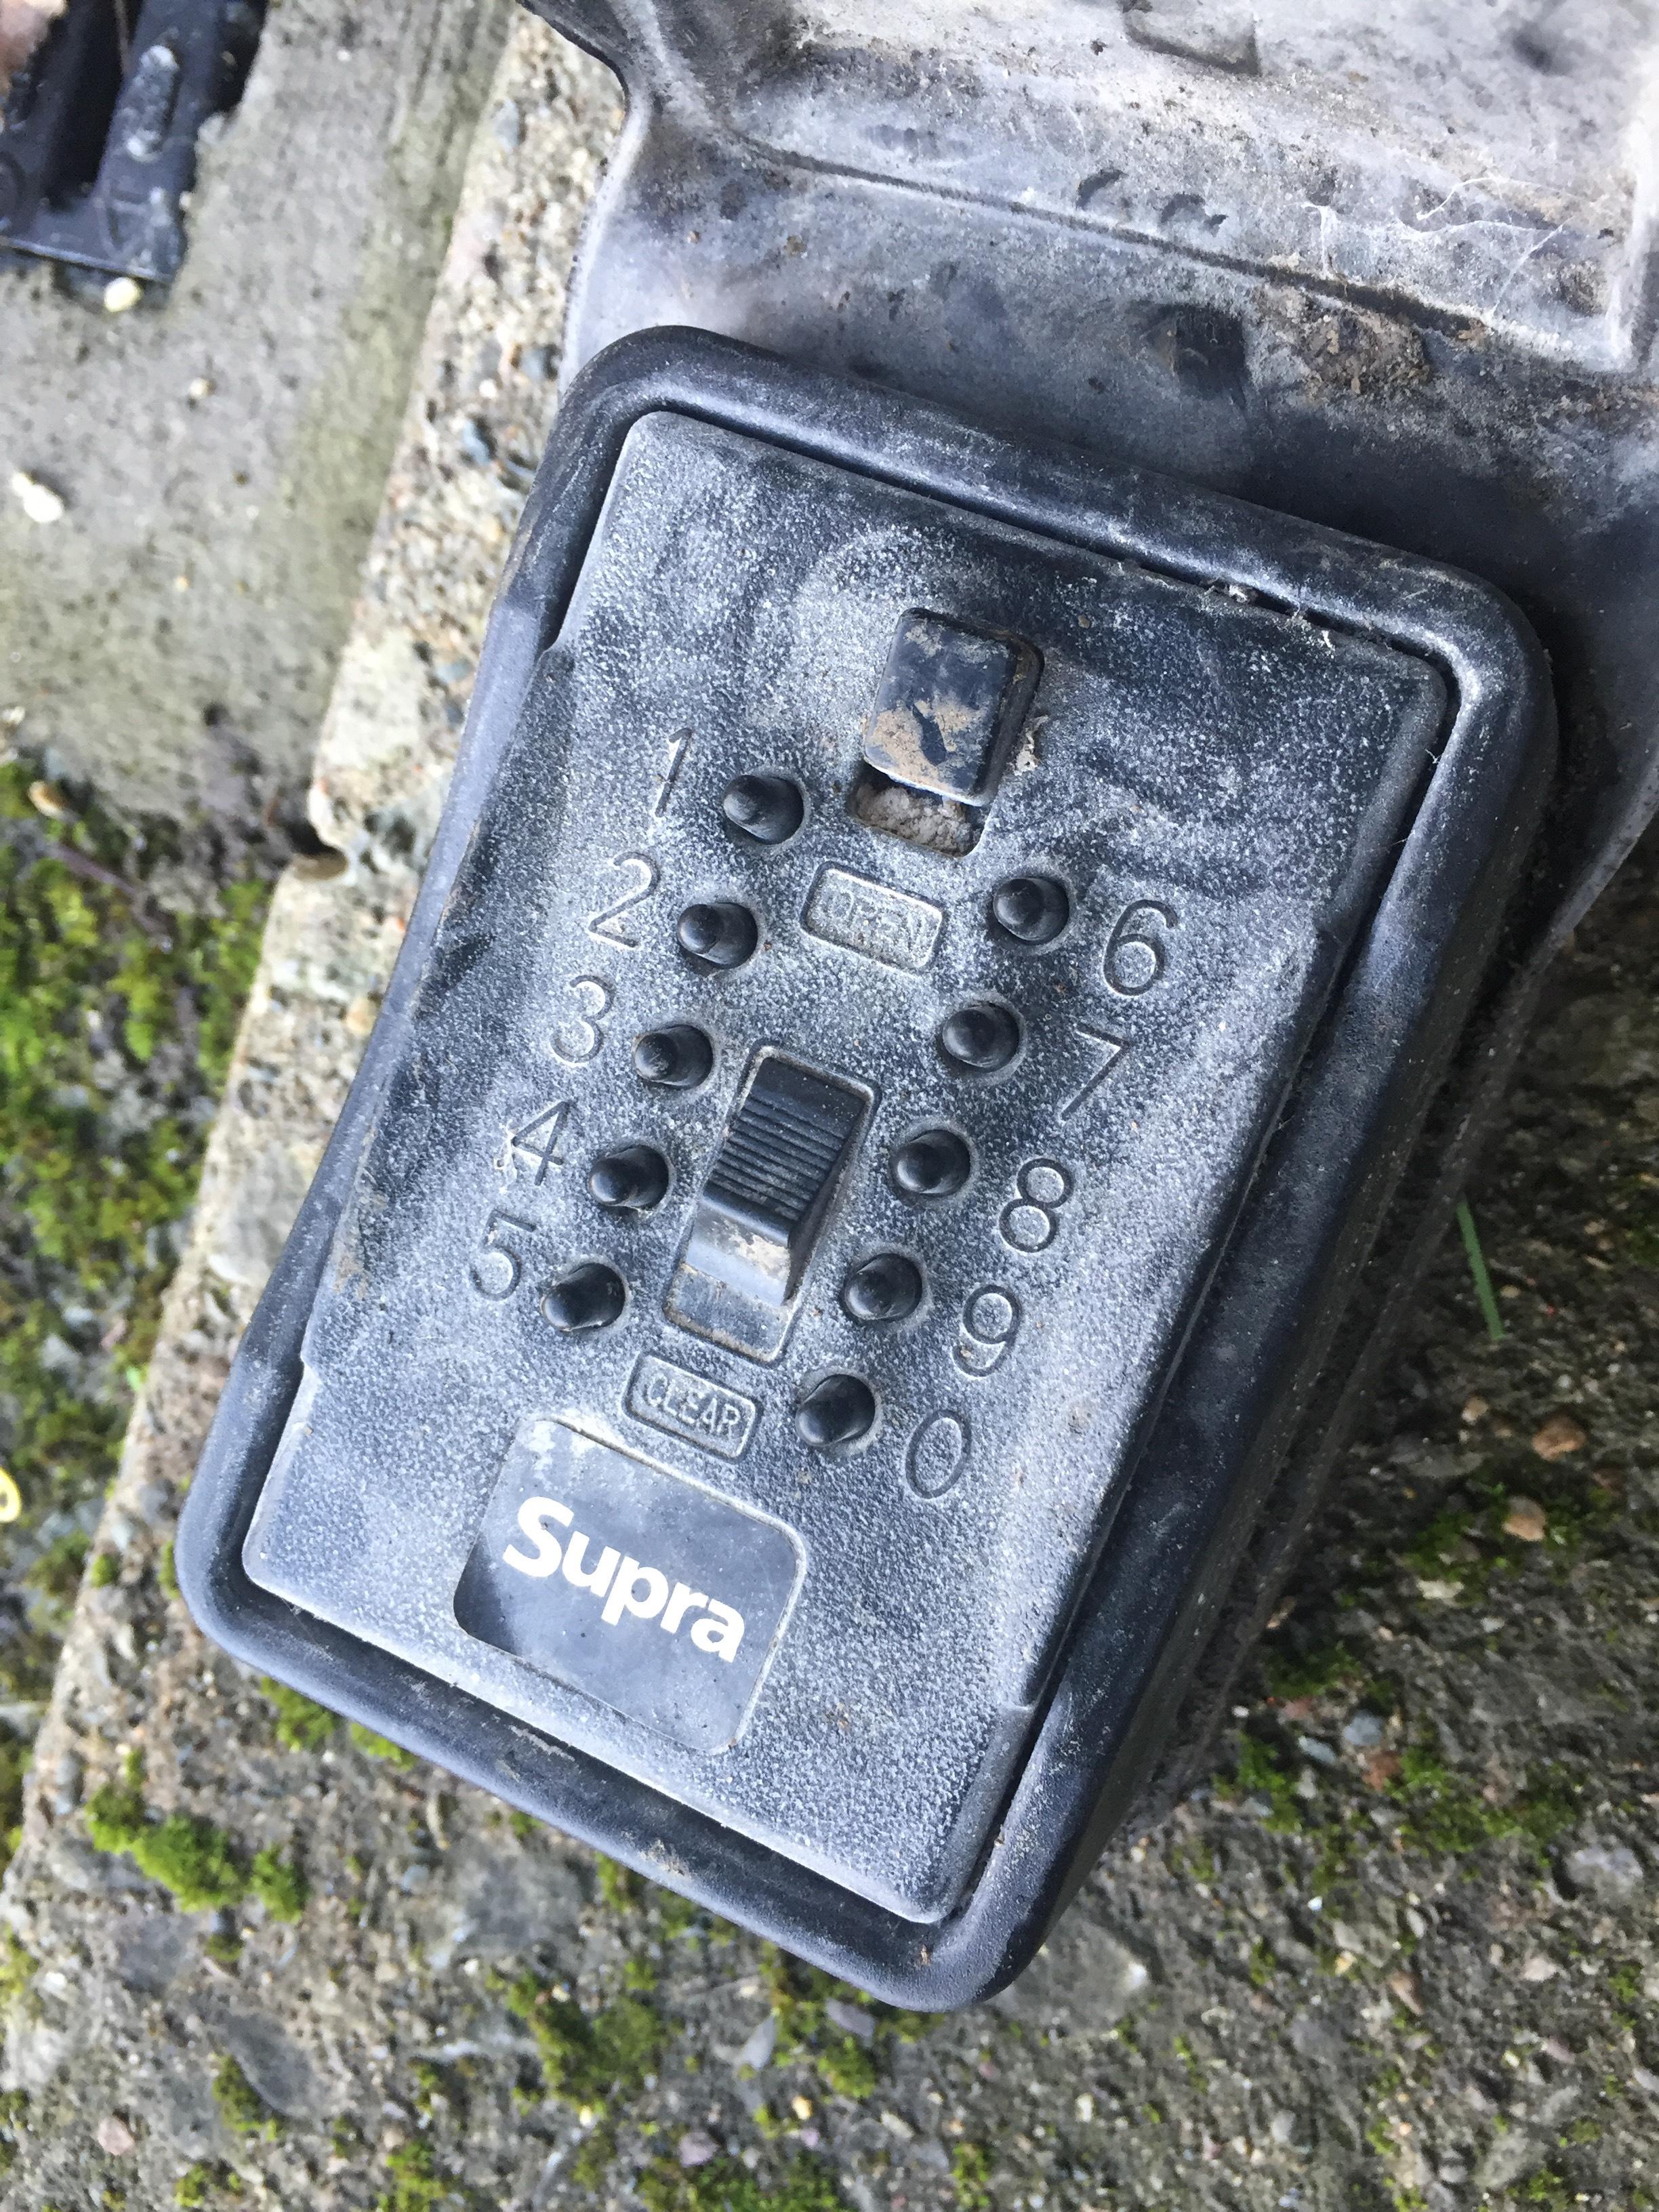 Metalowe Kasetki w których znajduje się komplet kluczy do mieszkania zlokalizowane są w bezpośrednim sąsiedztwie drzwi wejściowych do domu ludzi w podeszłym wieku